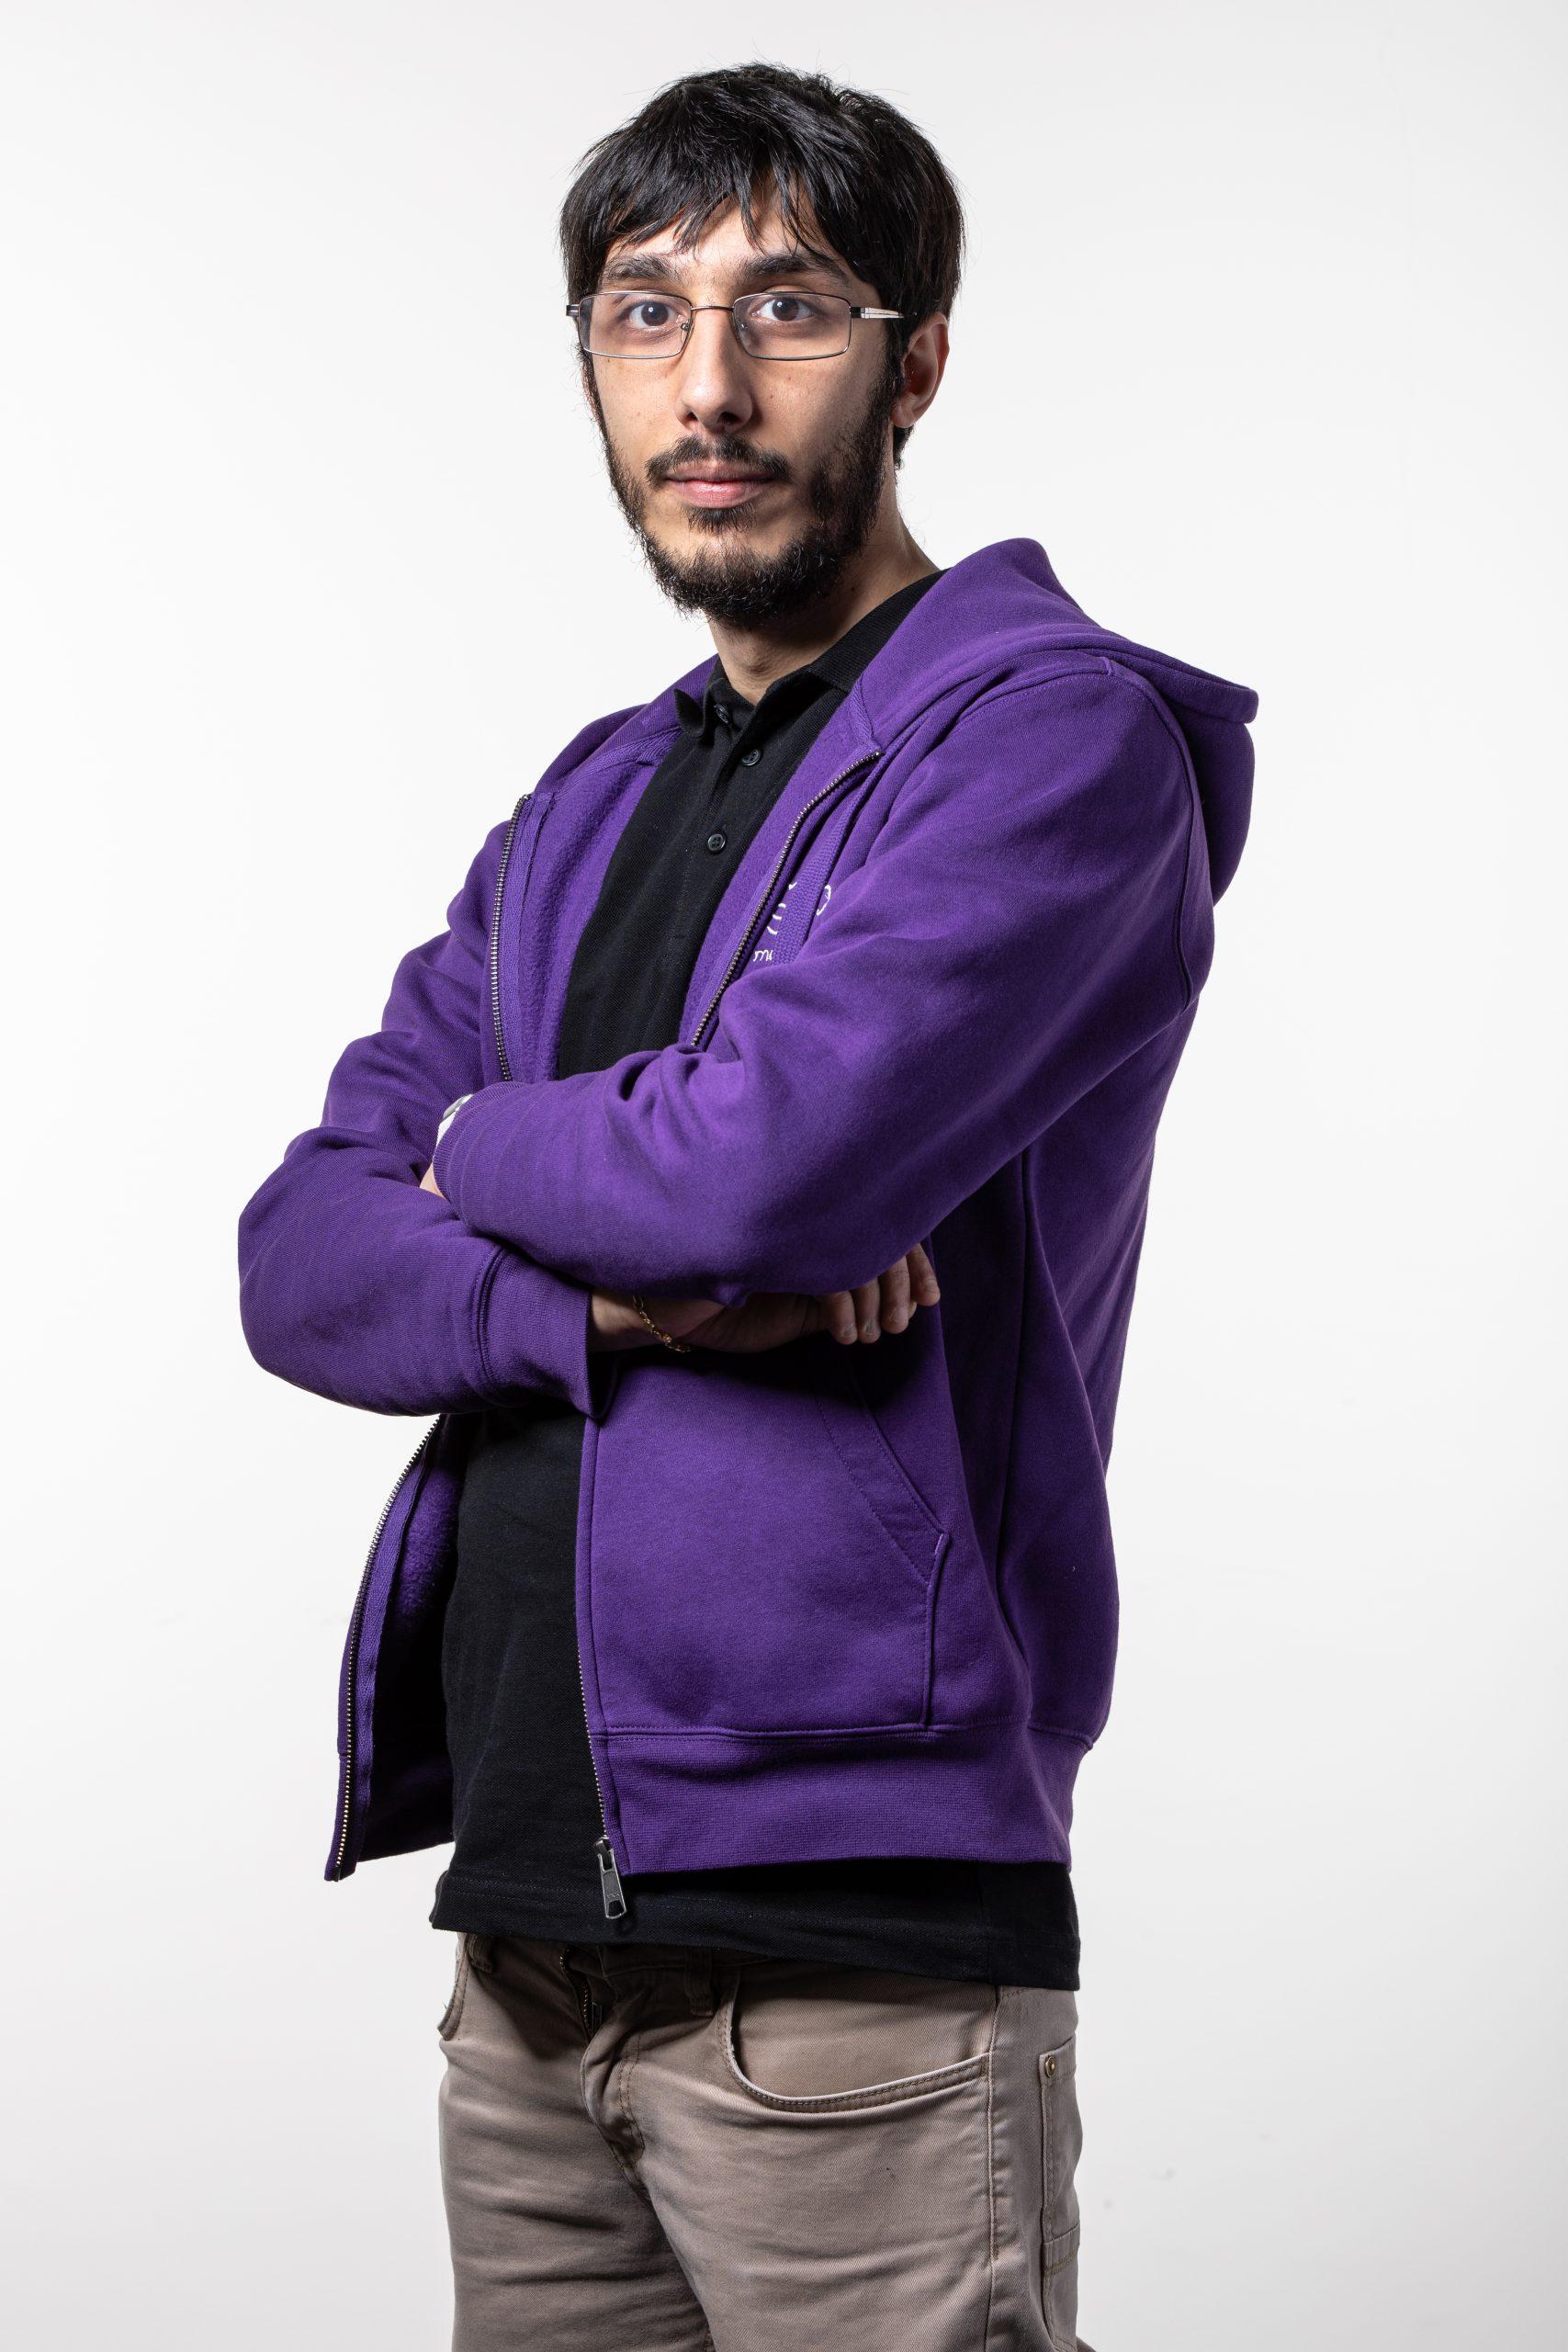 Mario Agati